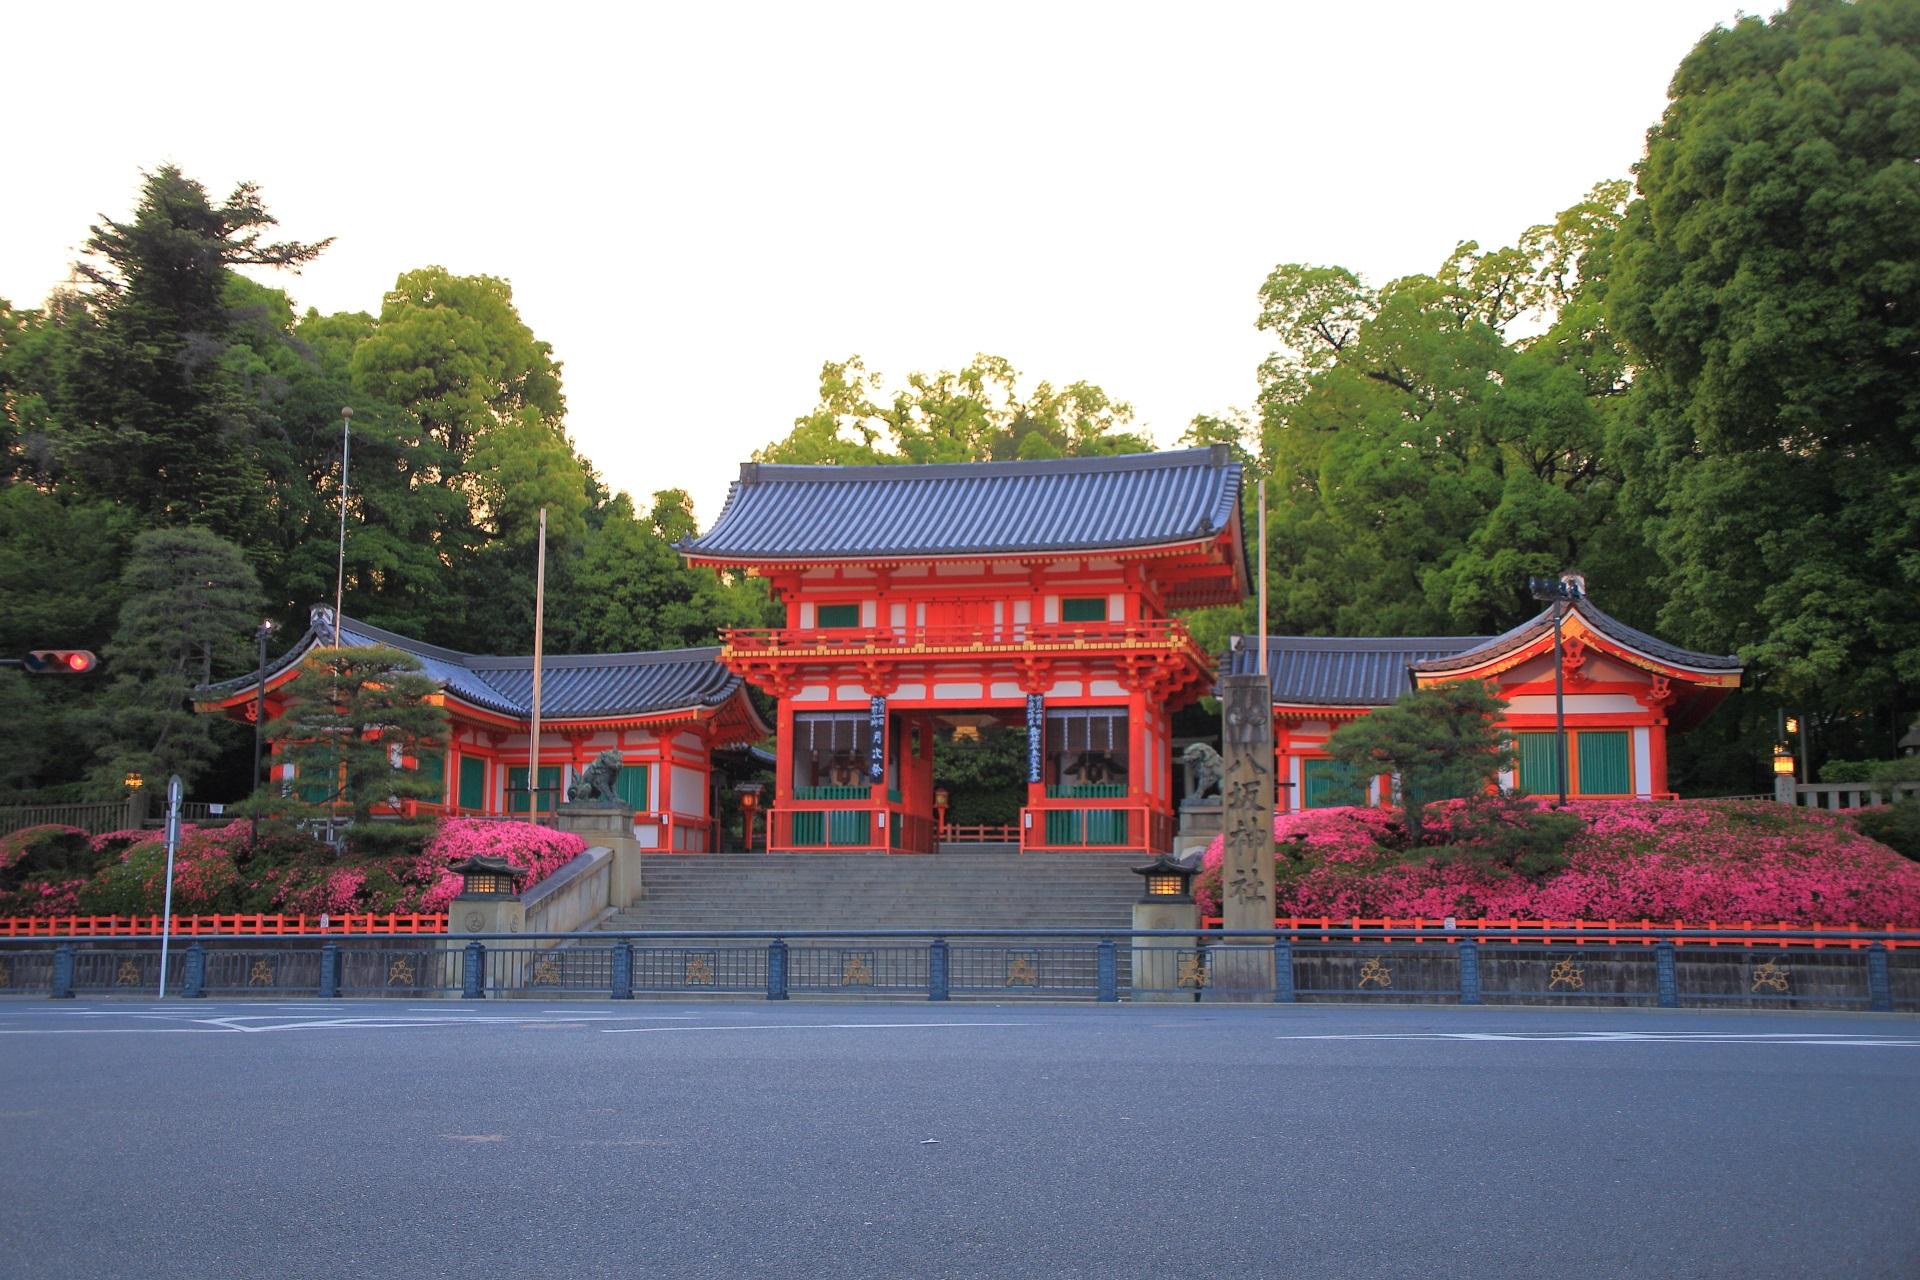 数時間後の喧騒が嘘のようにひっそりとした八坂神社と皐月